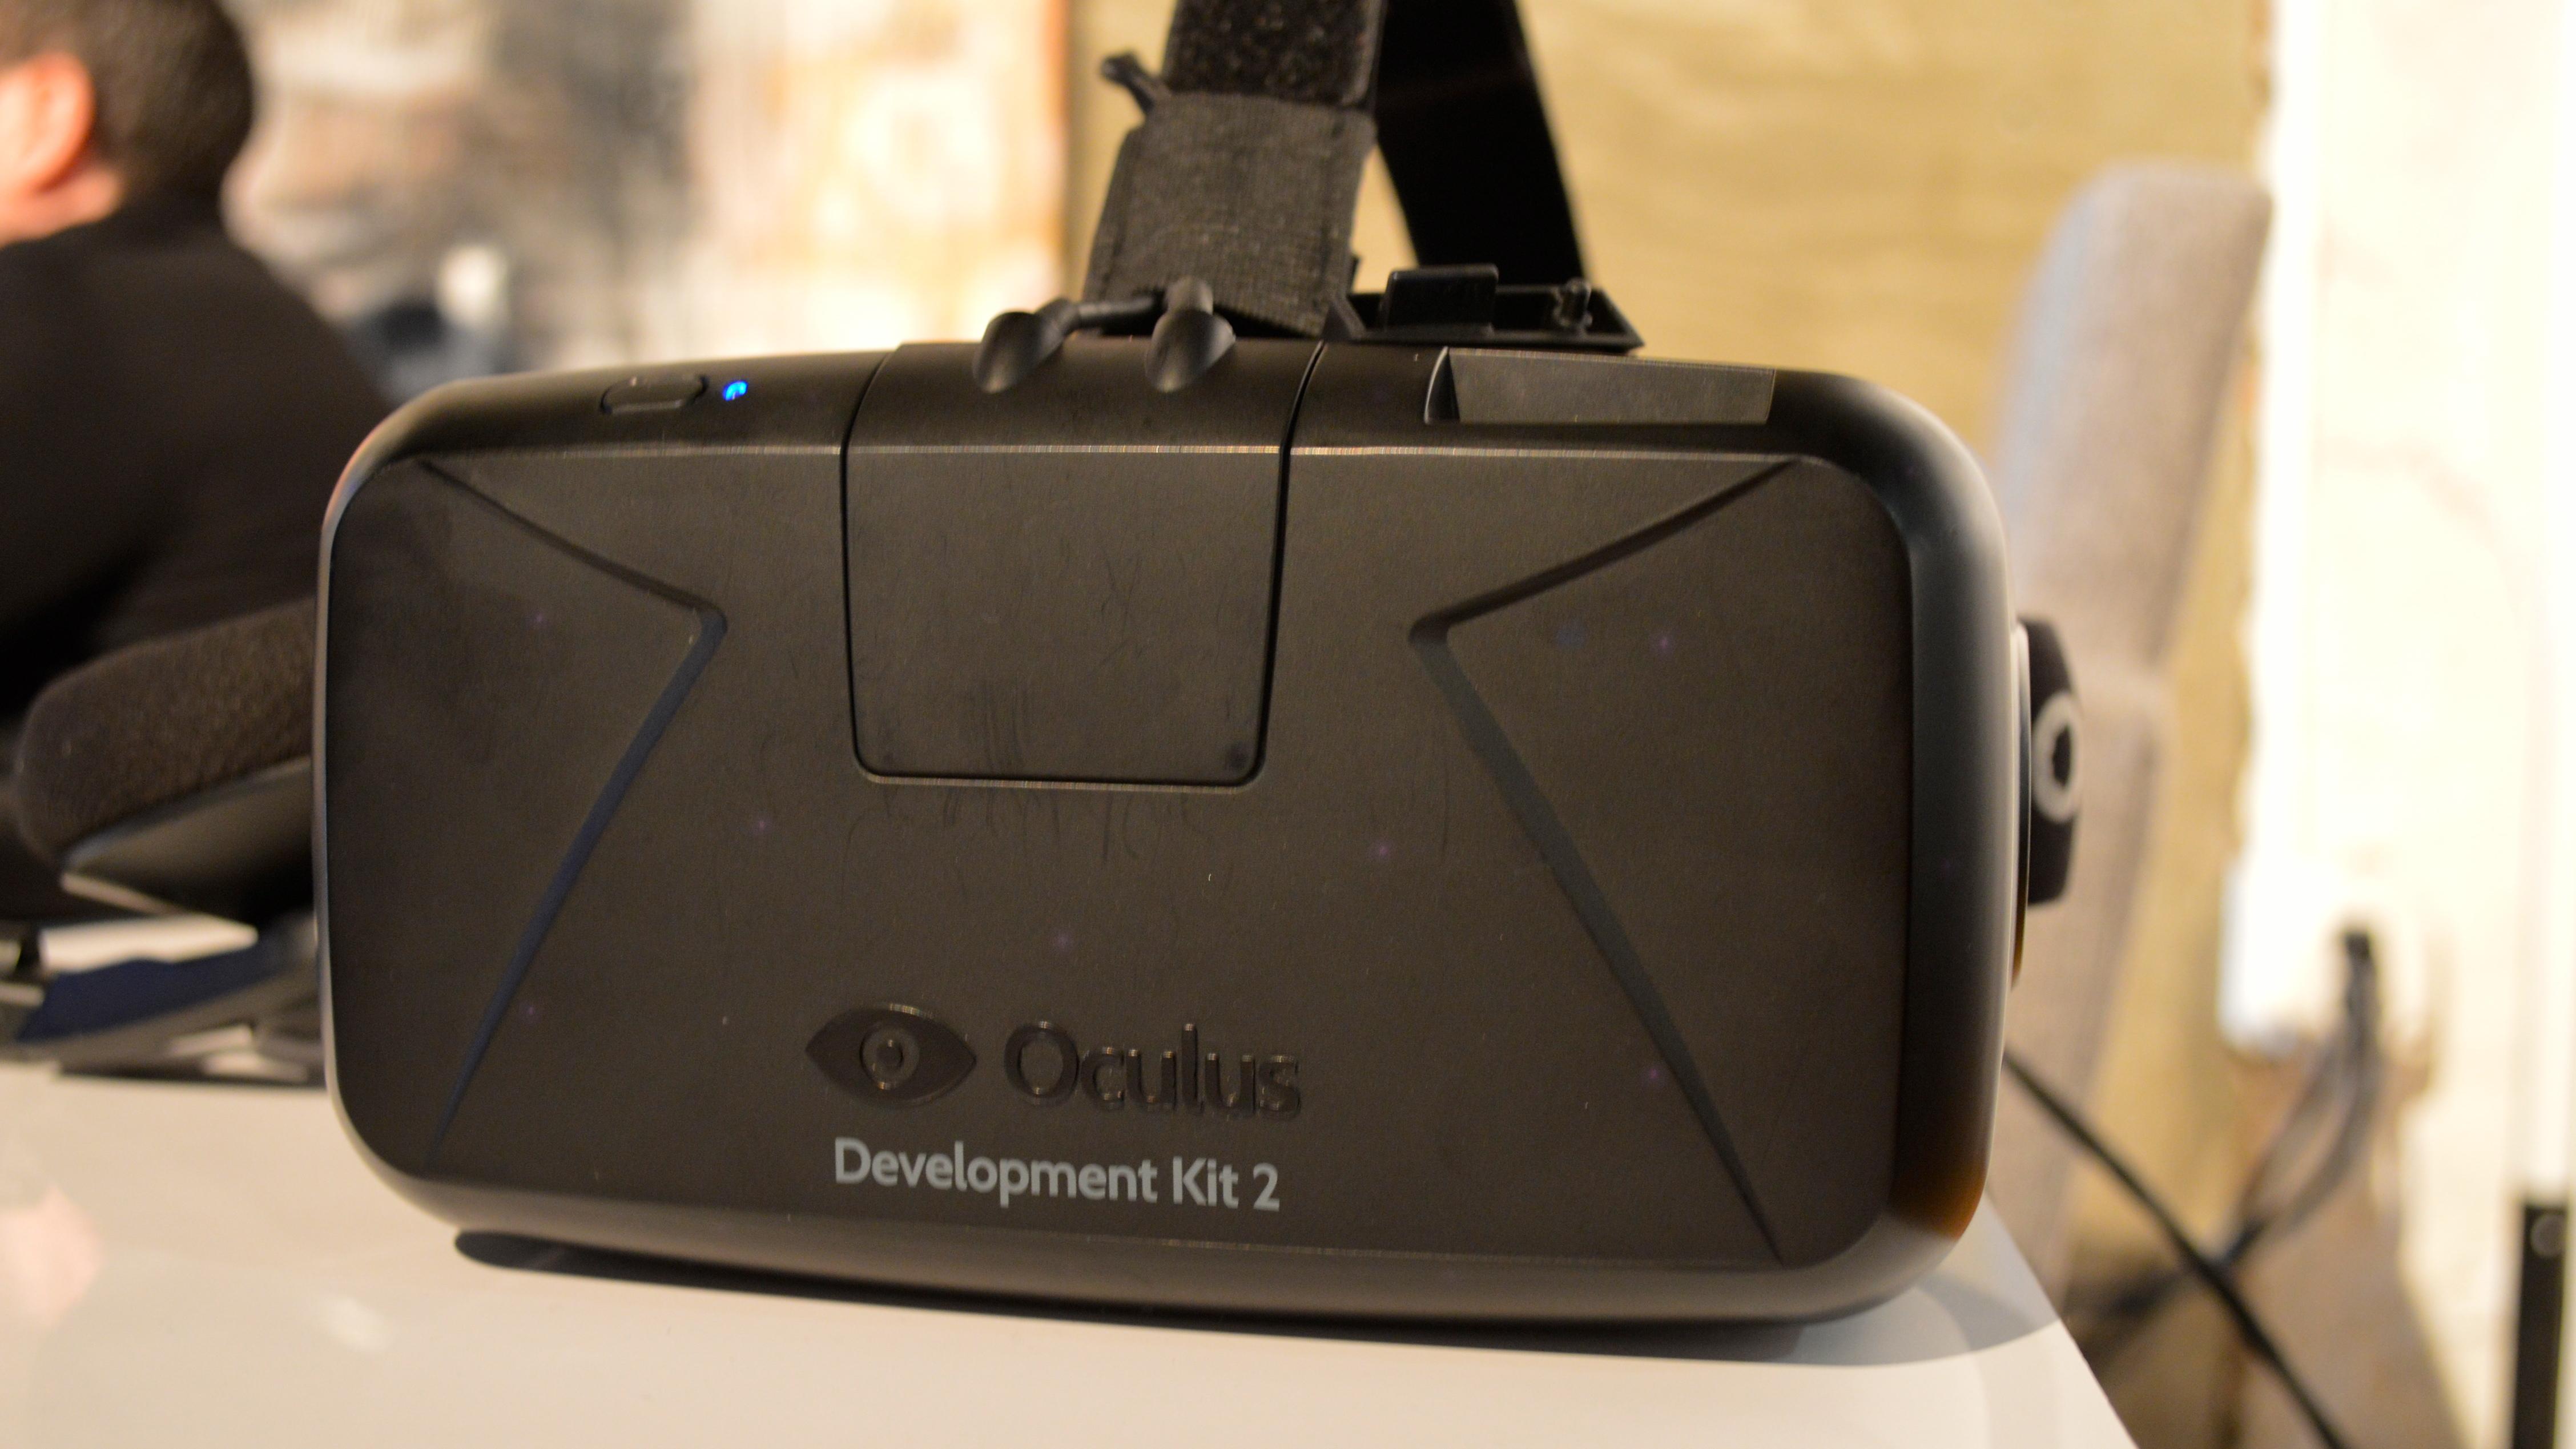 42b92ceca8ff Oculus Rift goes next-gen with new DK2 headset